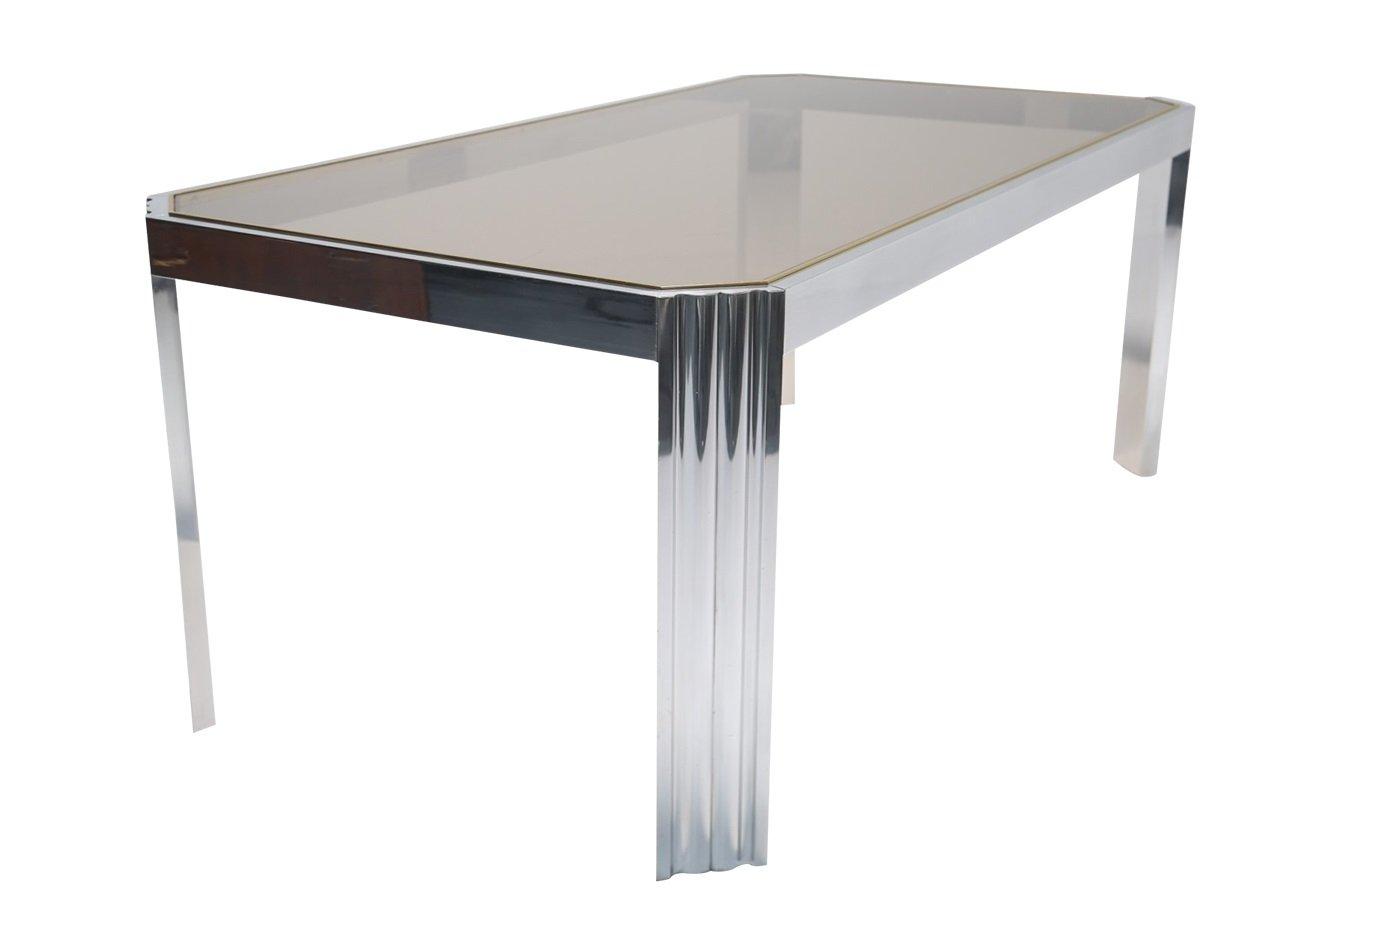 Table de salle manger en aluminium et verre fum 1970s en vente sur pamono for Table de salle a manger en verre